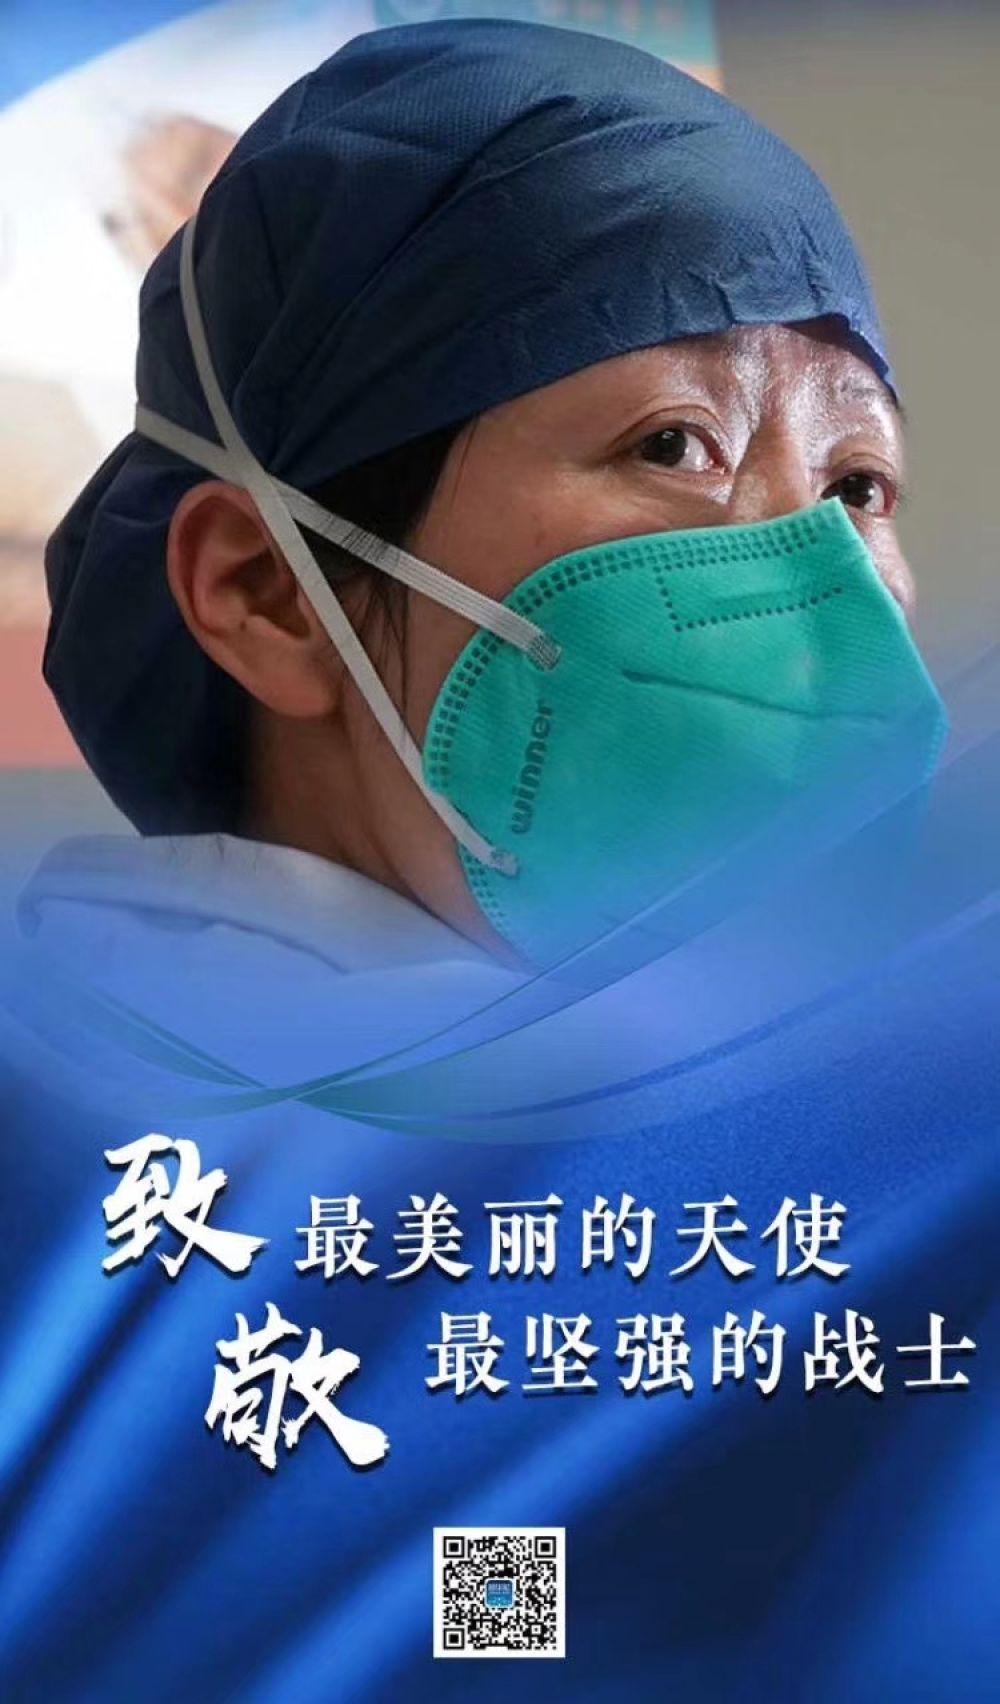 http://www.mogeblog.com/shoujitongxin/1650664.html